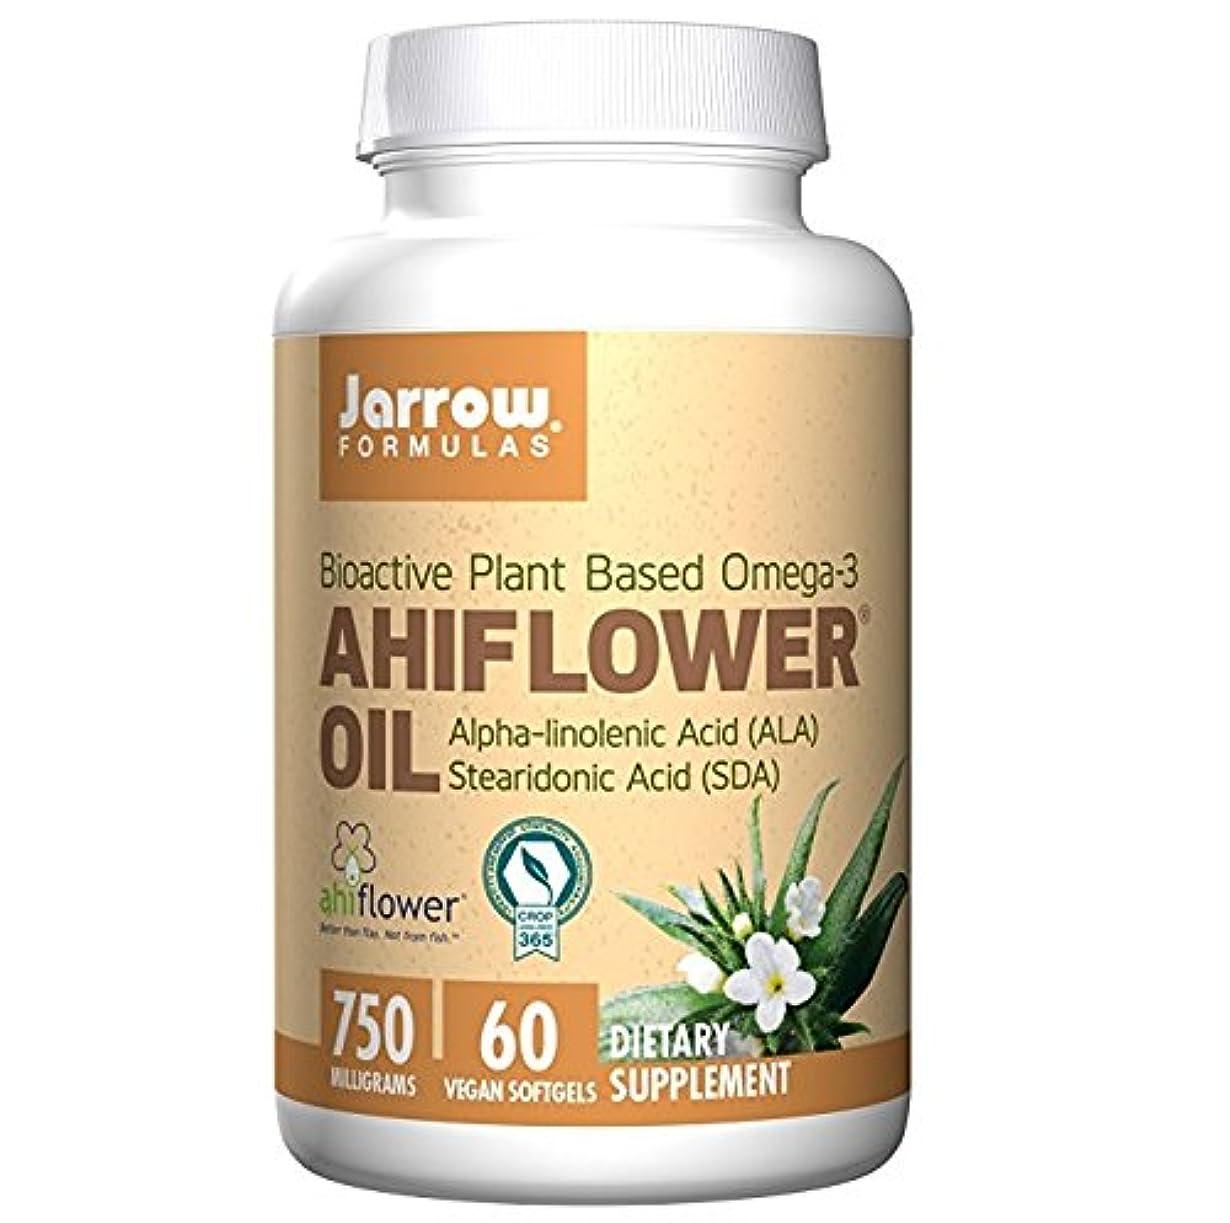 匿名メンタリティ気まぐれな【海外直送品】Jarrow Formulas - Ahiflower Oil - 60ソフトジェル アヒフラワー